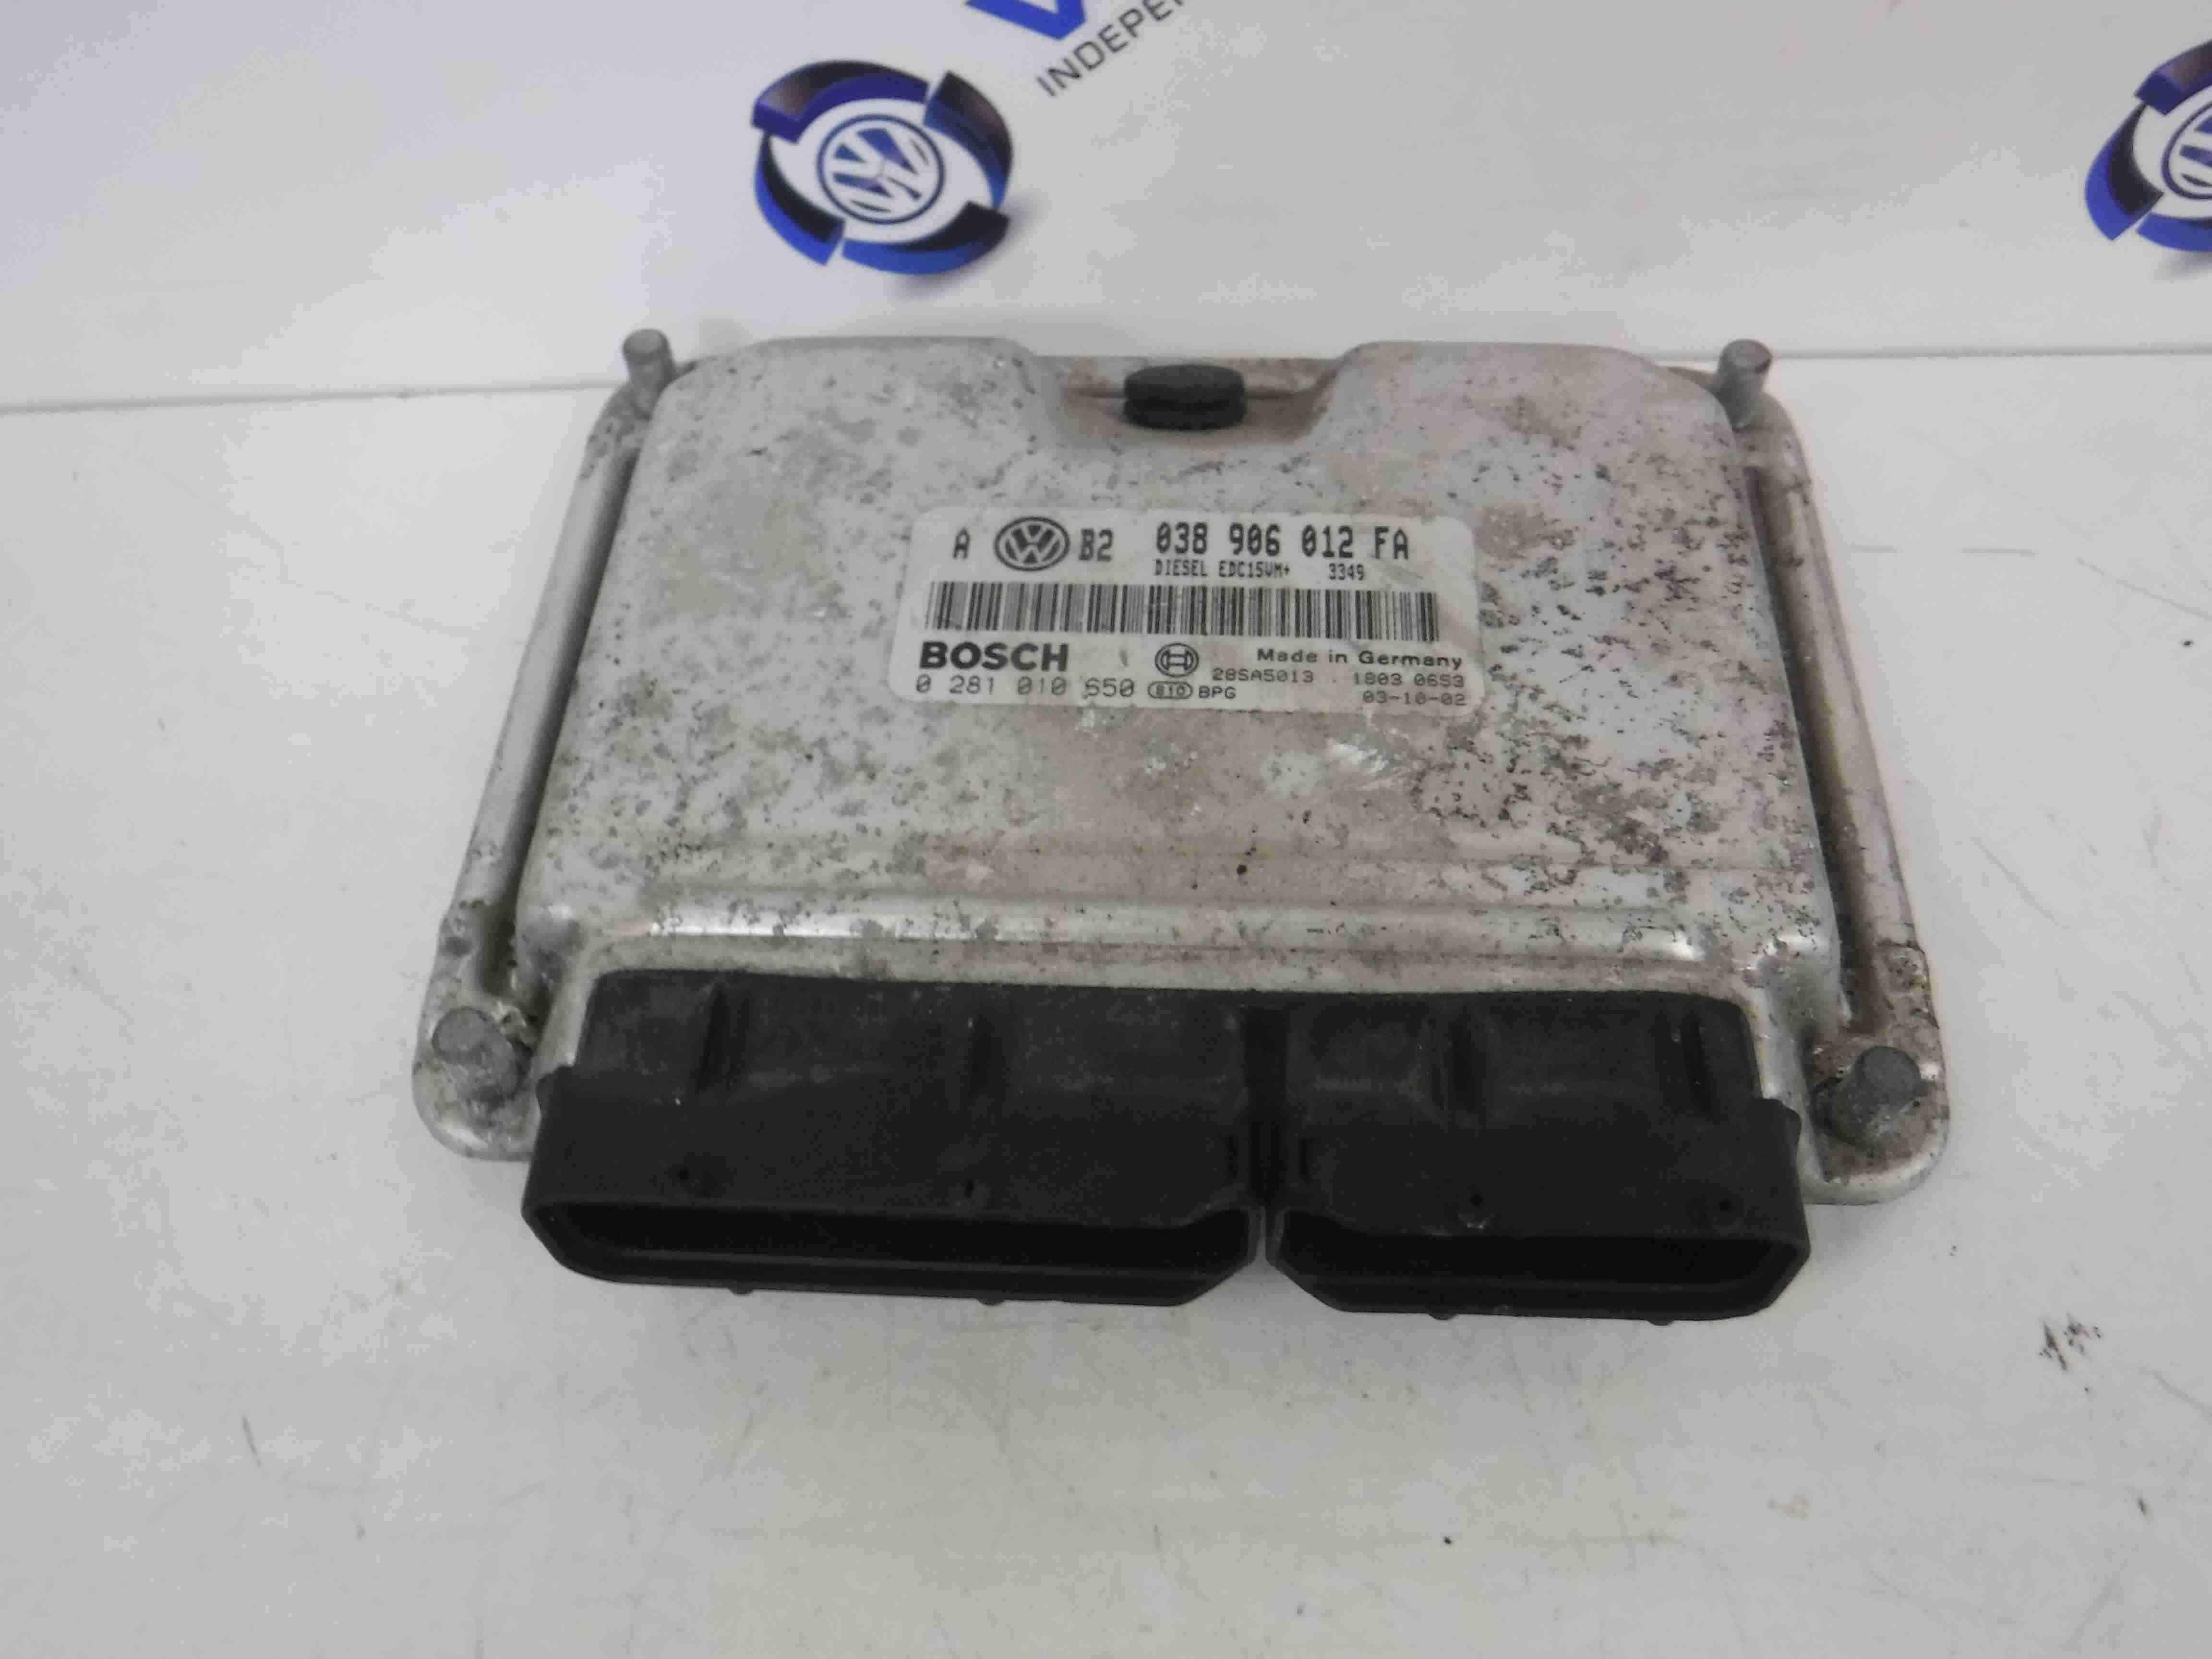 Volkswagen Golf MK4 1997-2004 Engine Control Unit ECU Computer 038906012FA